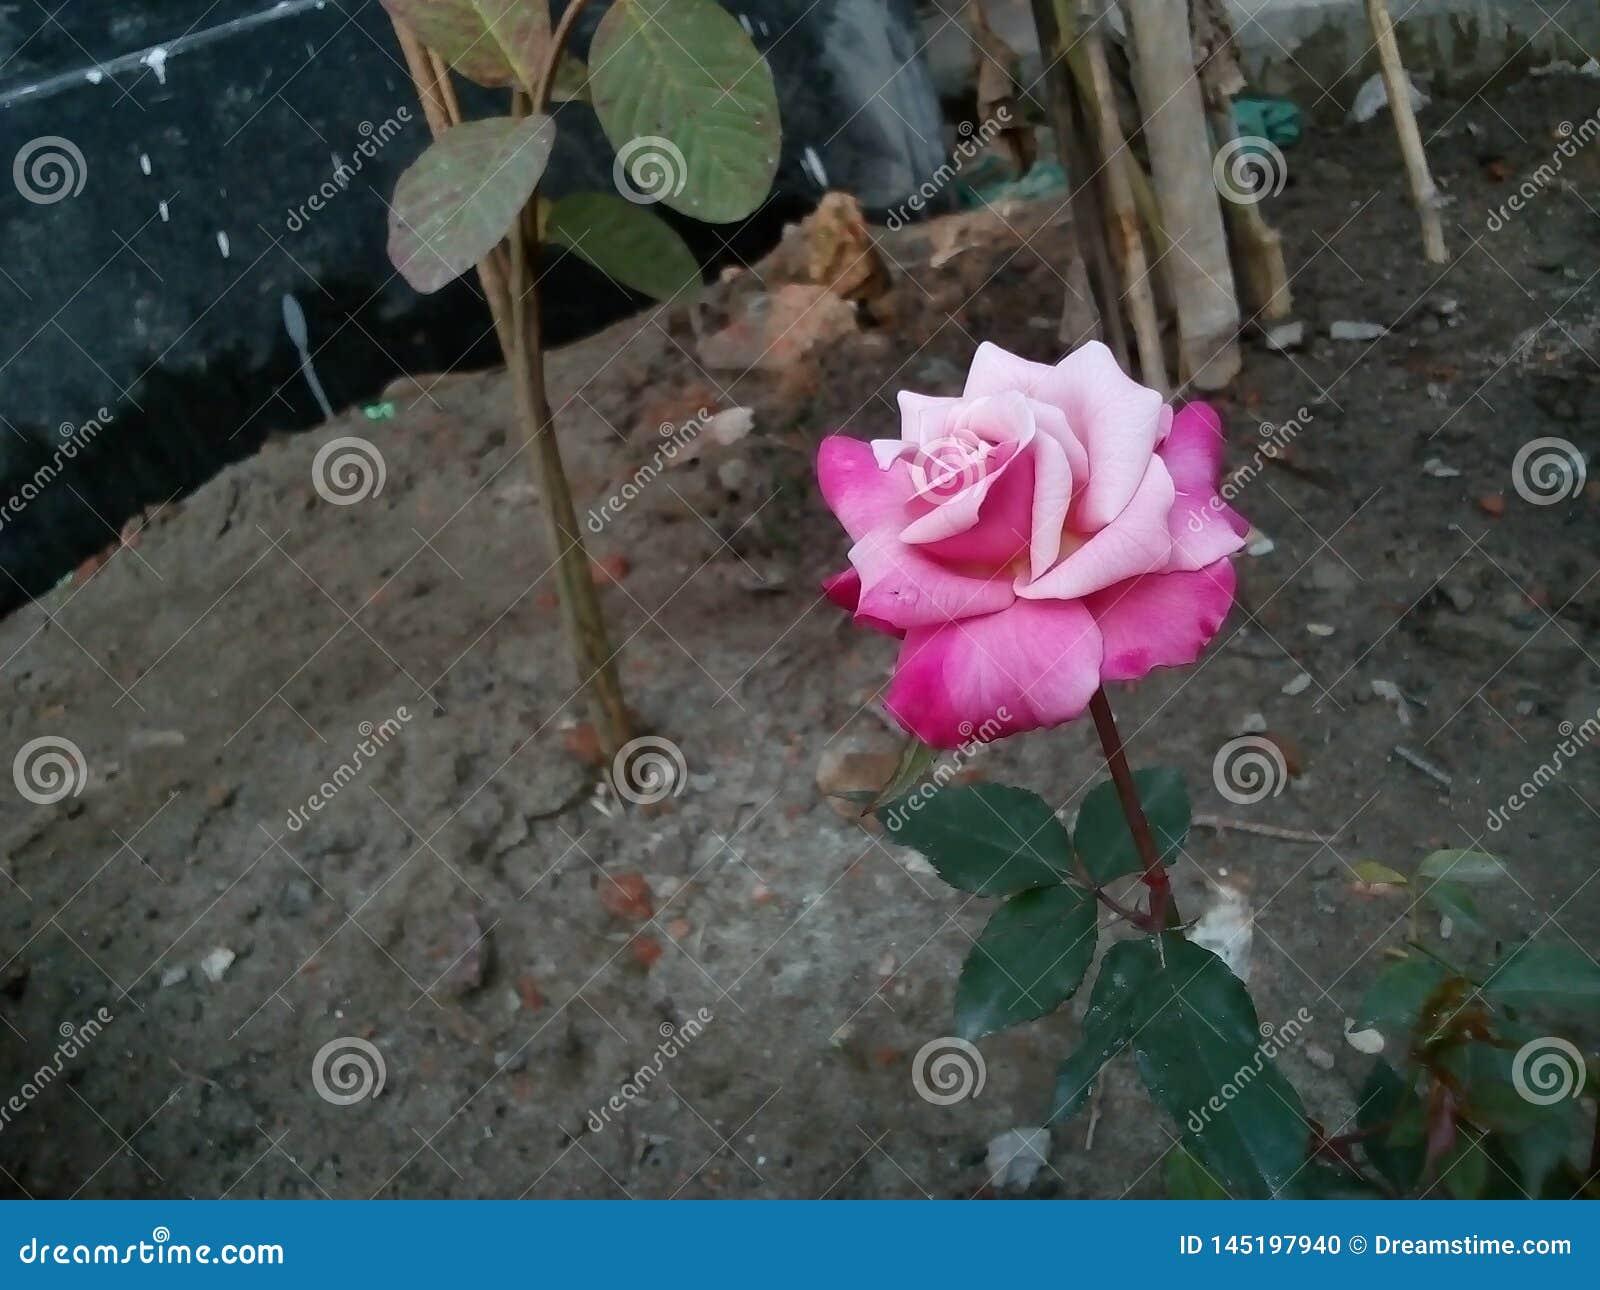 Rosen är härlig, därför att förälskelse är ren vårt liv